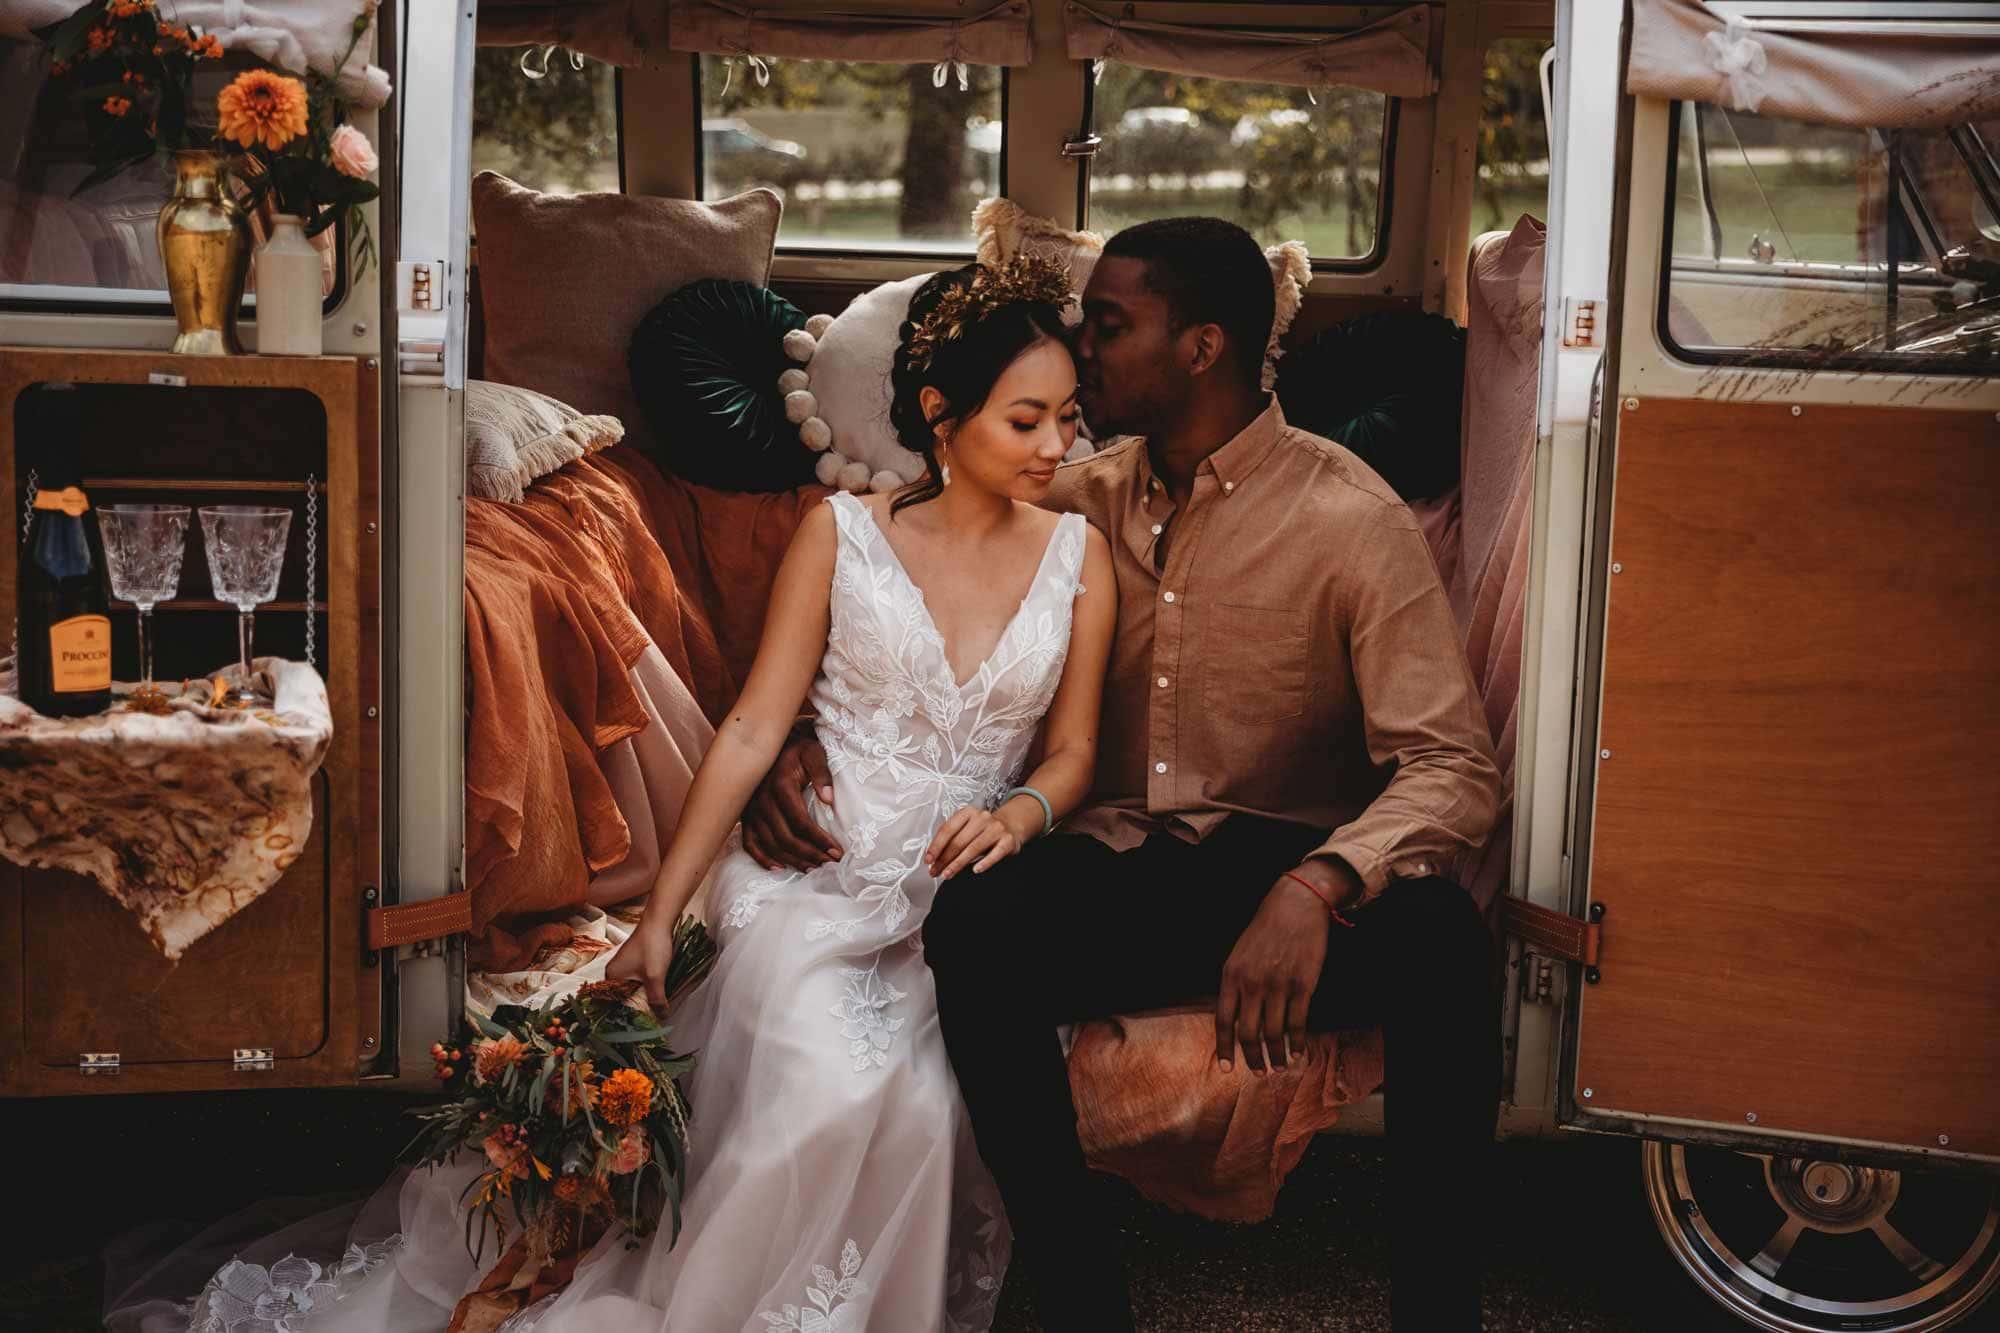 lace wedding dress boho wedding dress wedding dress shop near me bridal shop near me 2 4